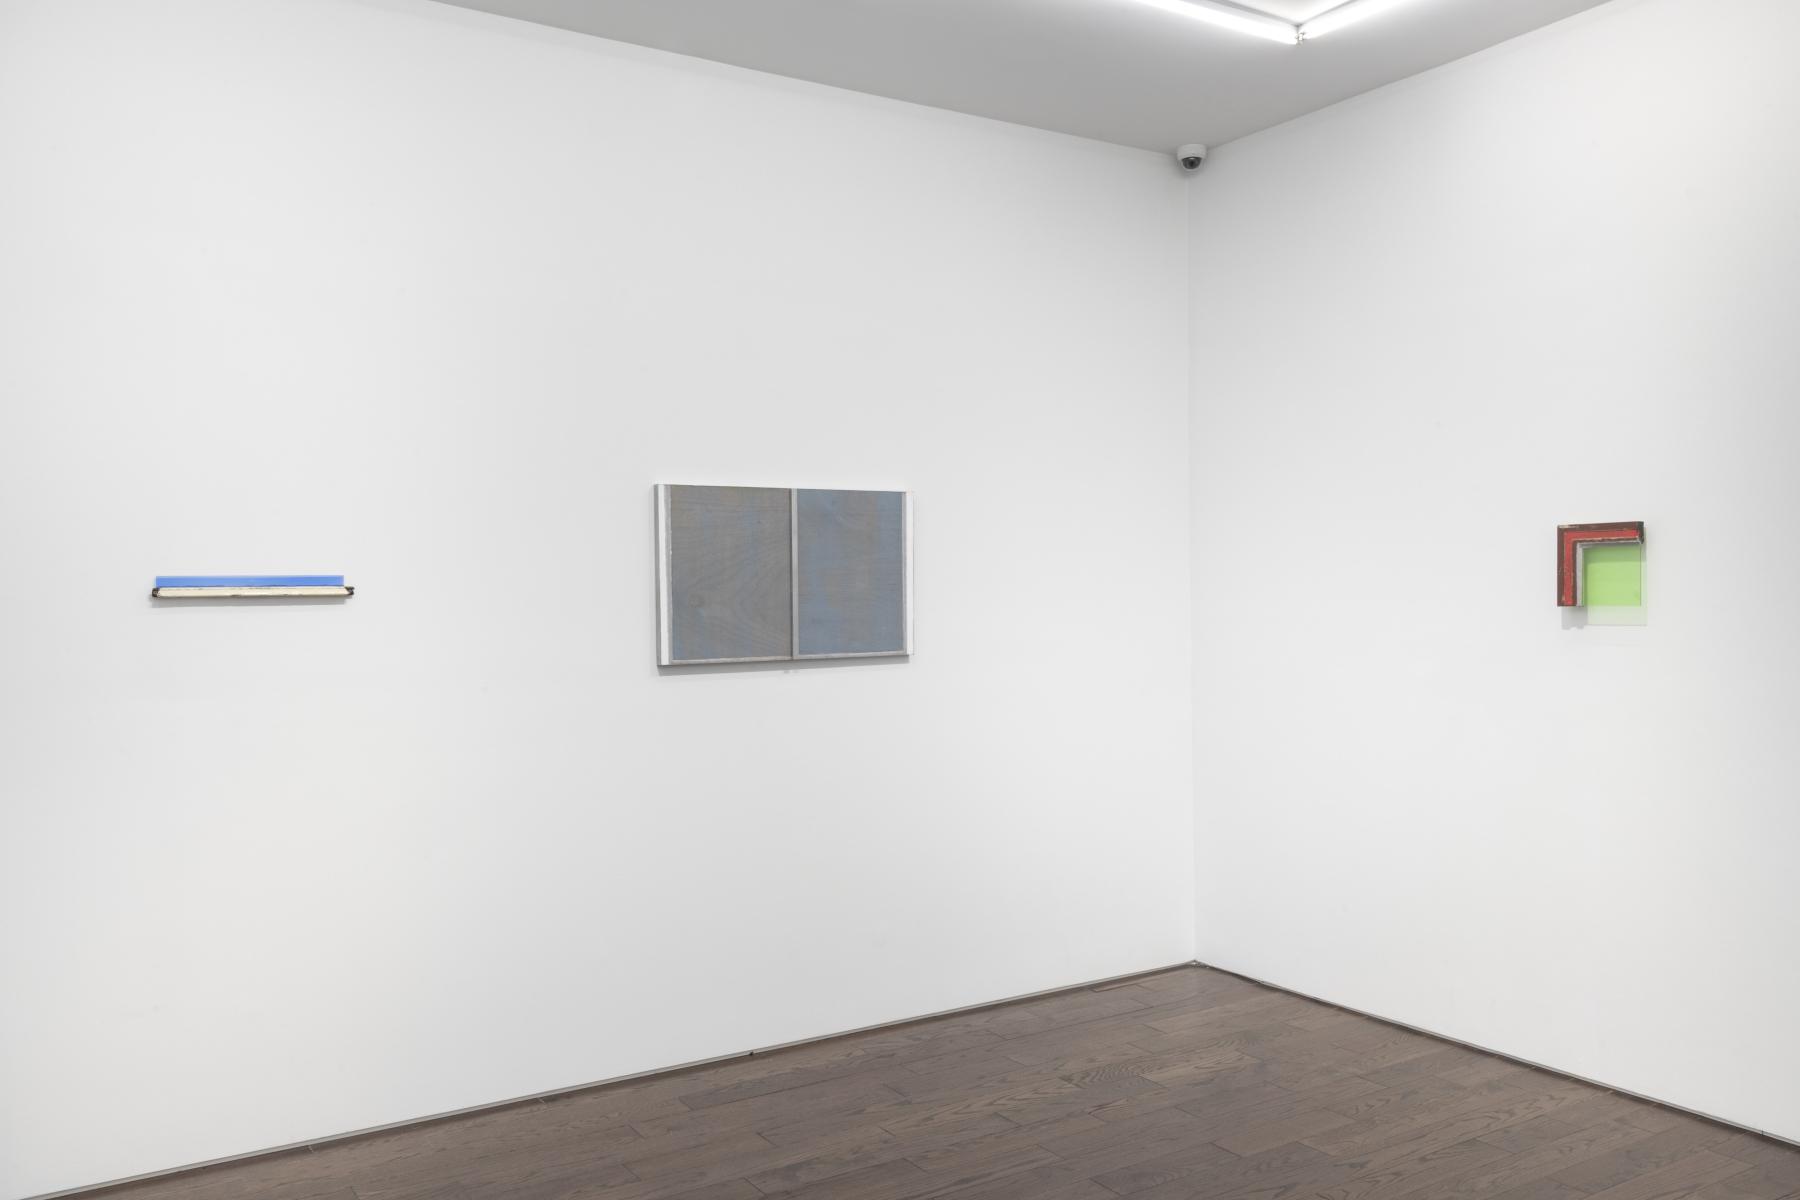 2_Pierre Buraglio 2019 New York 1103